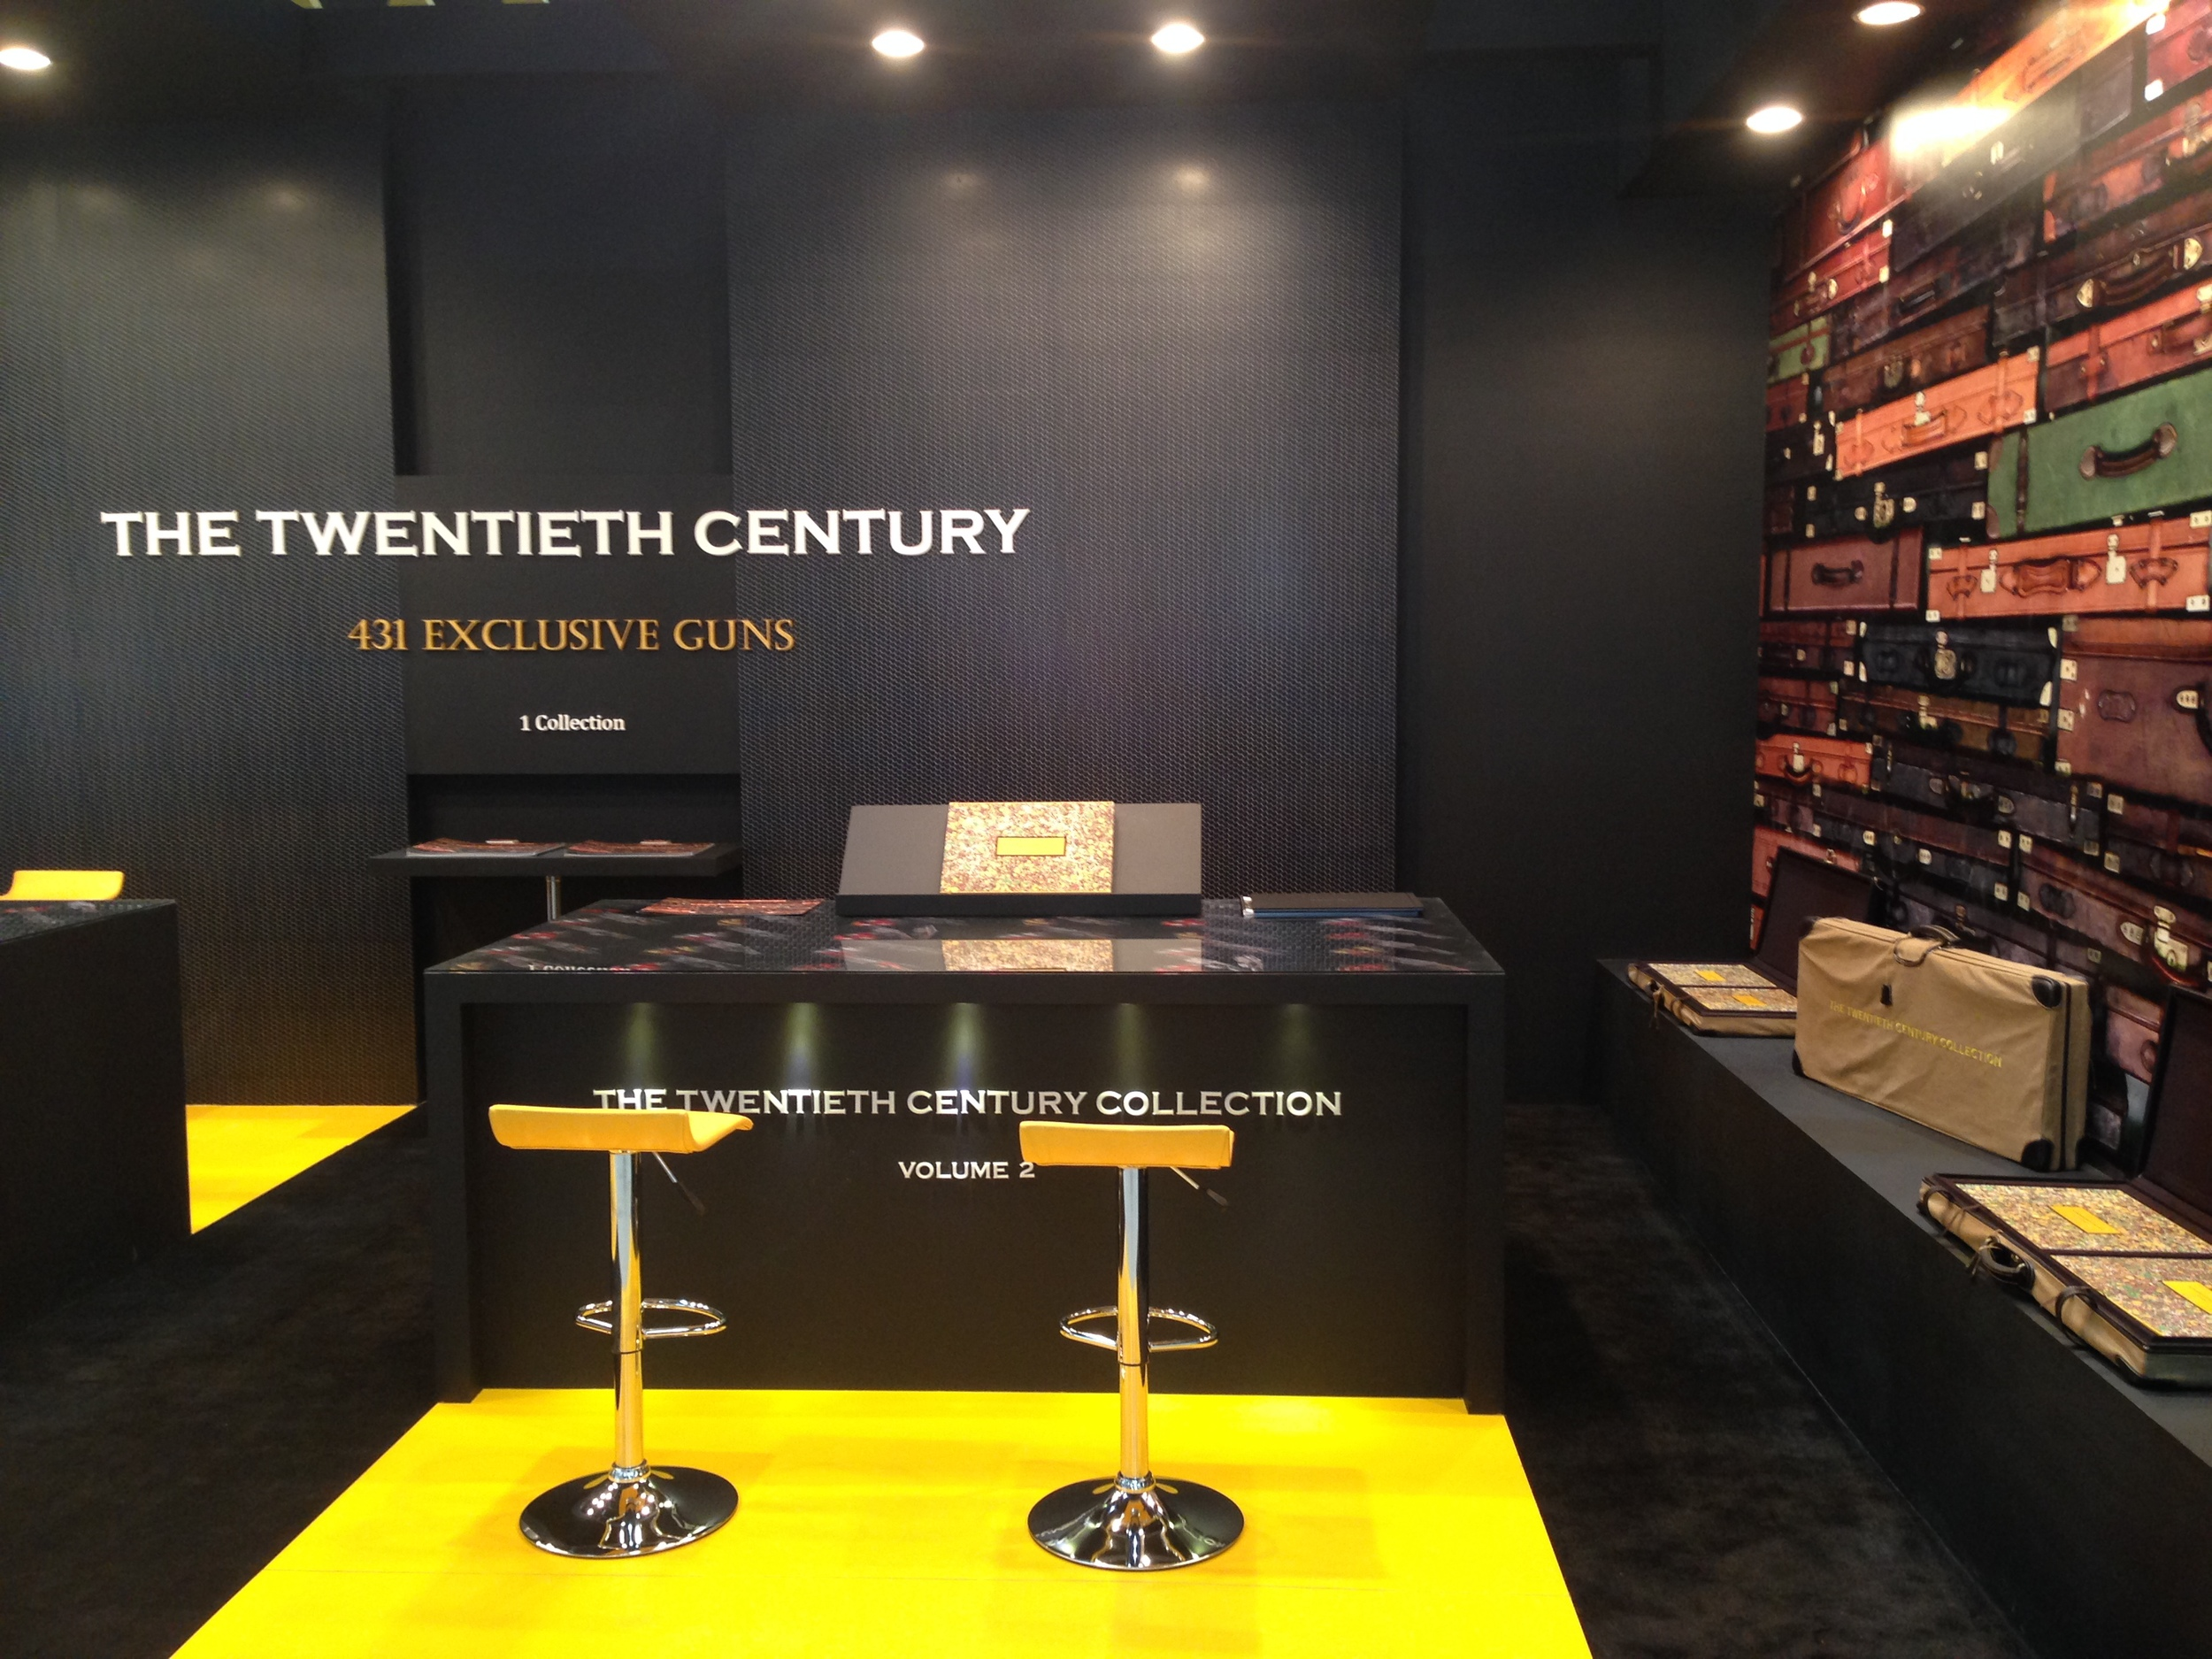 The Twentieth Century gun collection at Adihex 2014.